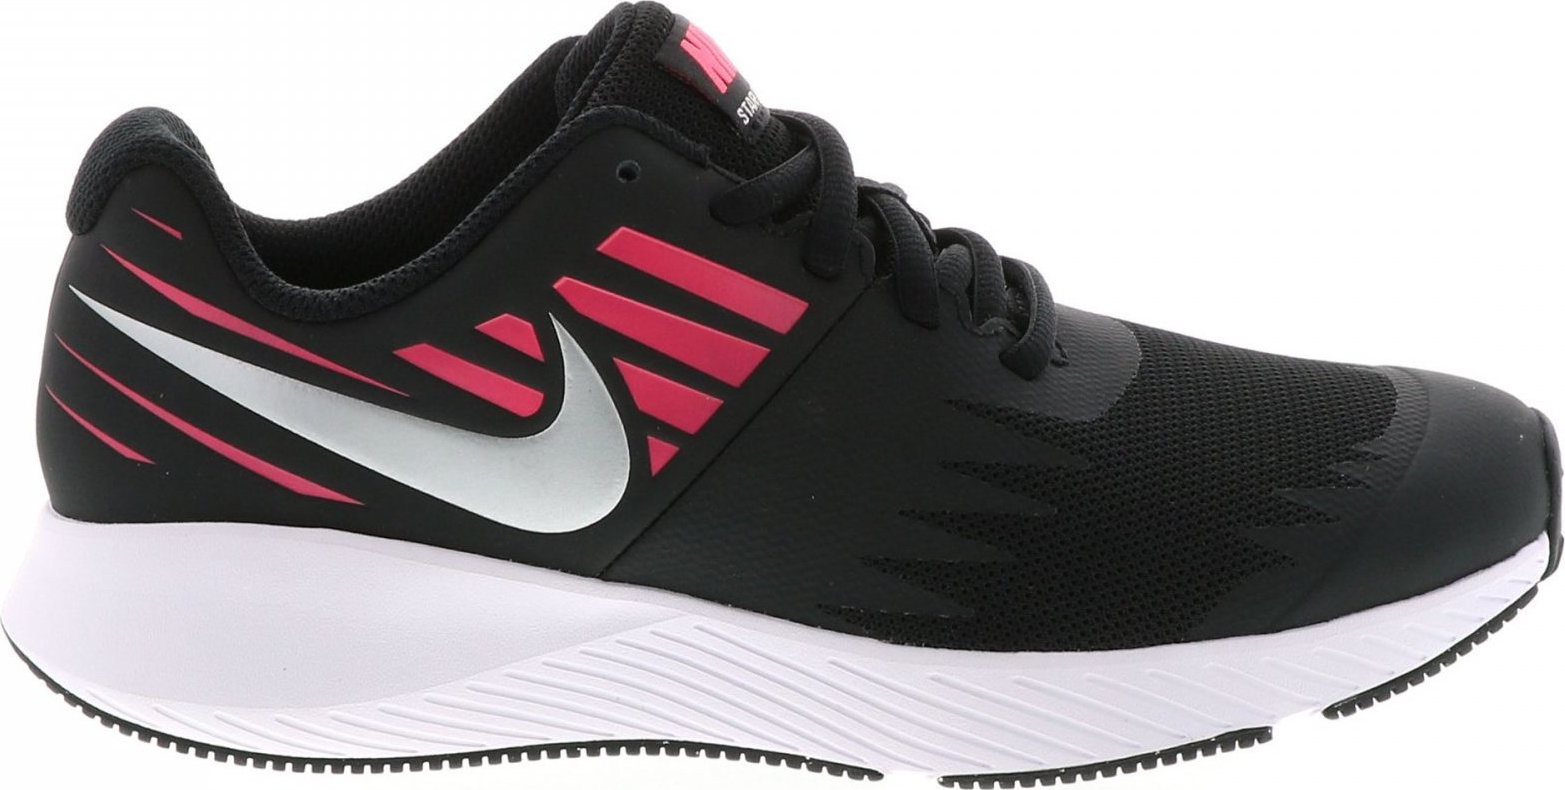 9d53e455b6525e Προσθήκη στα αγαπημένα menu Nike Star Runner GS 907257-004